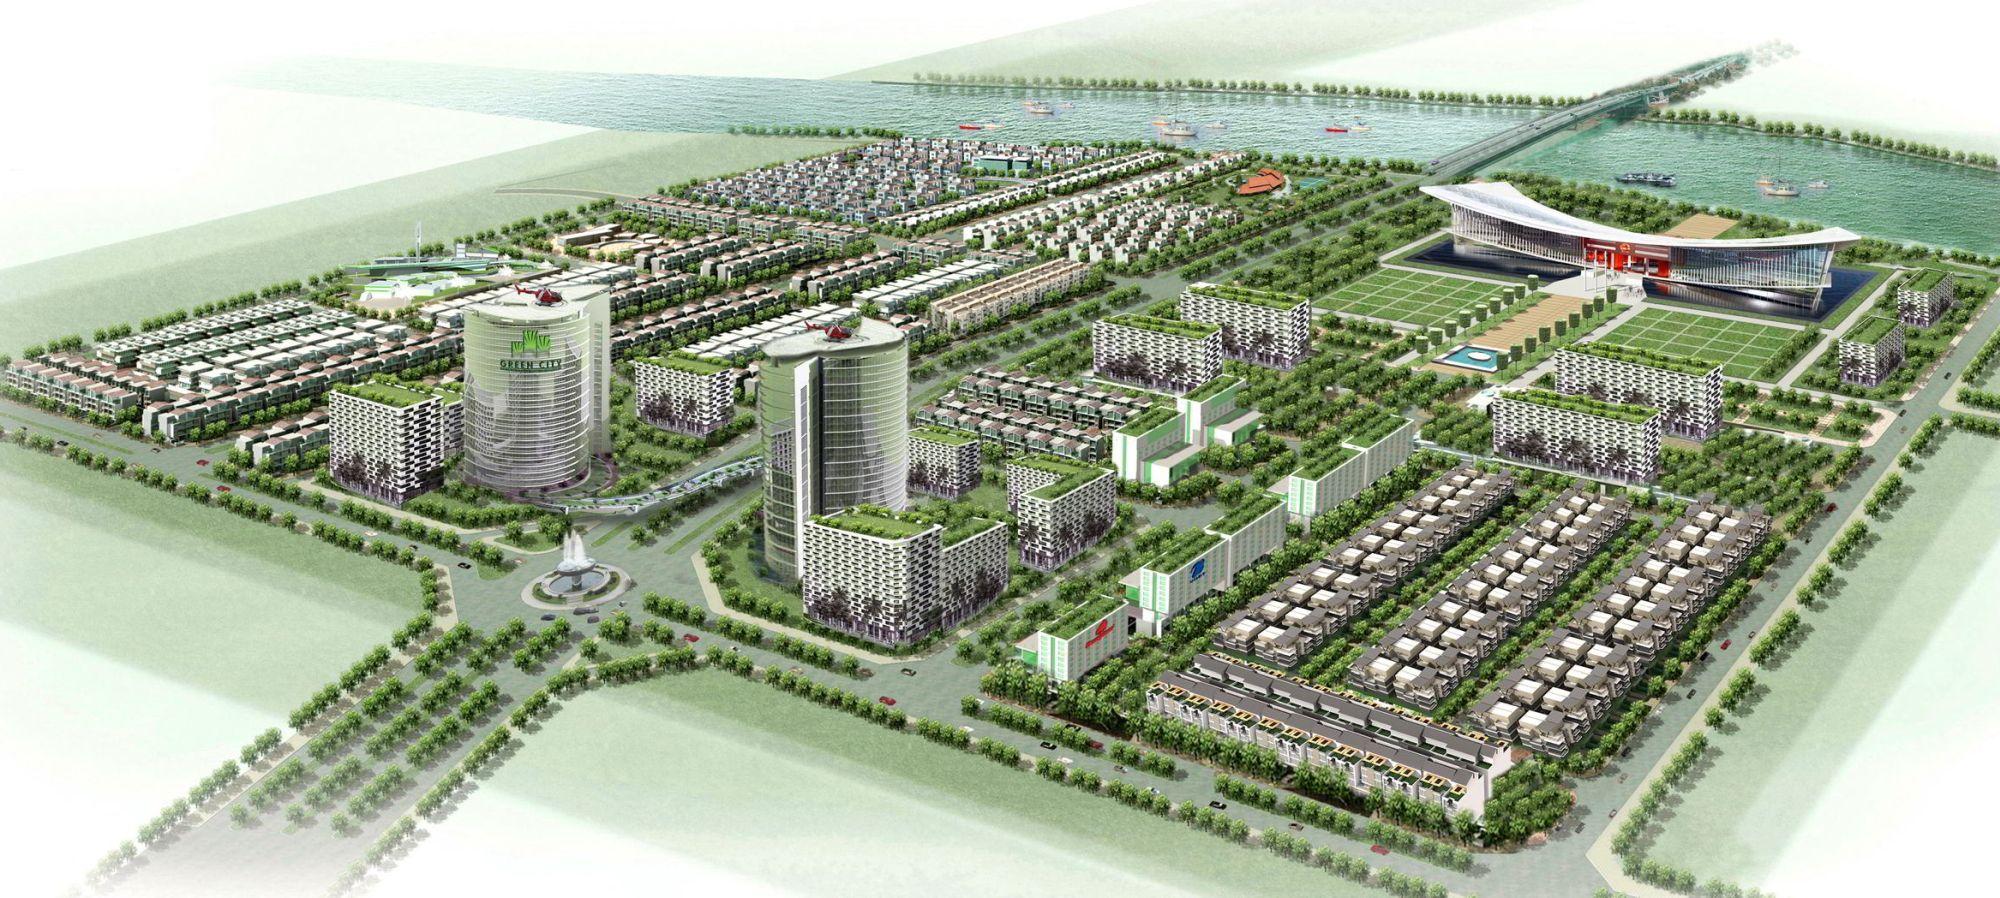 Dự án bất động sản Đồng Tâm Group - The Green City